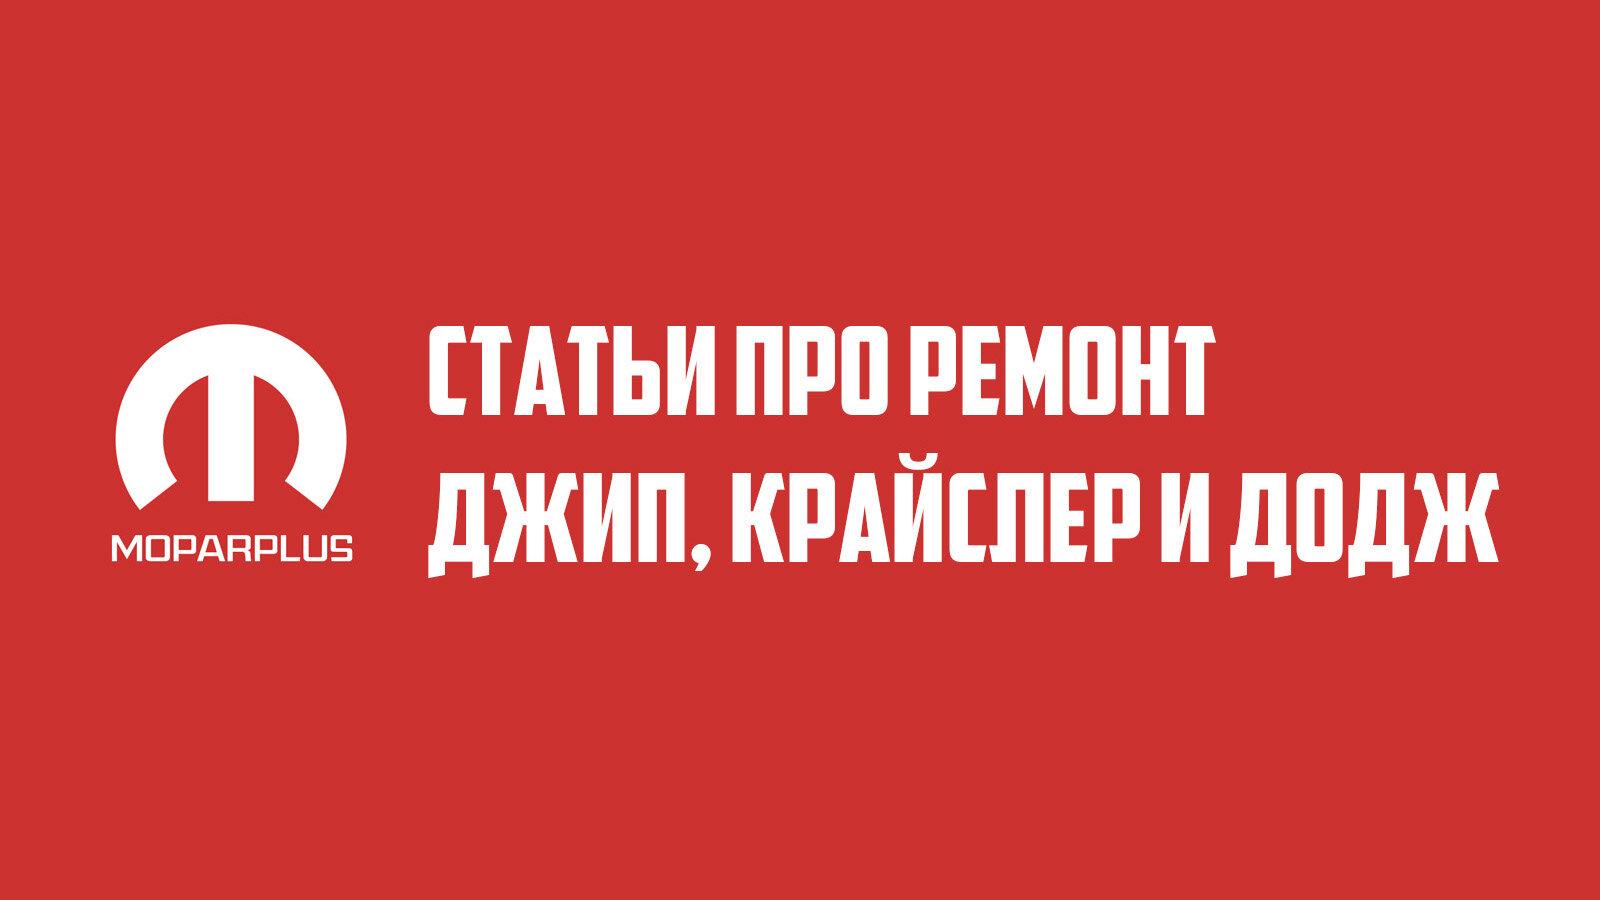 Статьи про ремонт. Выпуск №68.